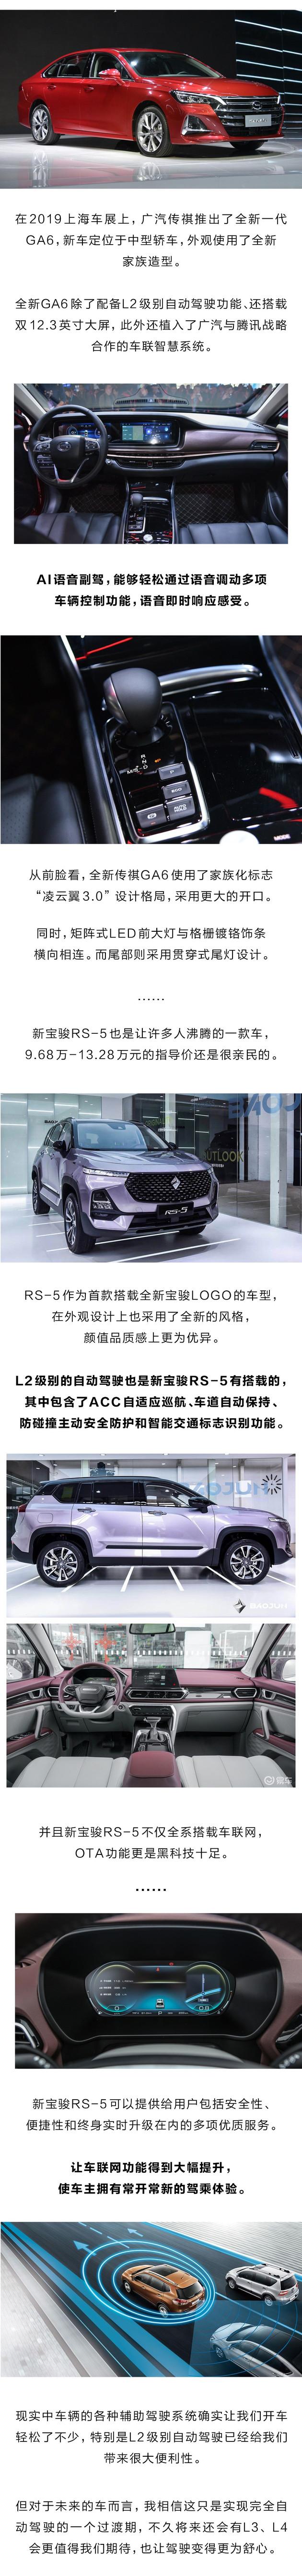 L2级自动驾驶是趋势 哈弗、宝骏这些品牌新车让你开车更轻松!